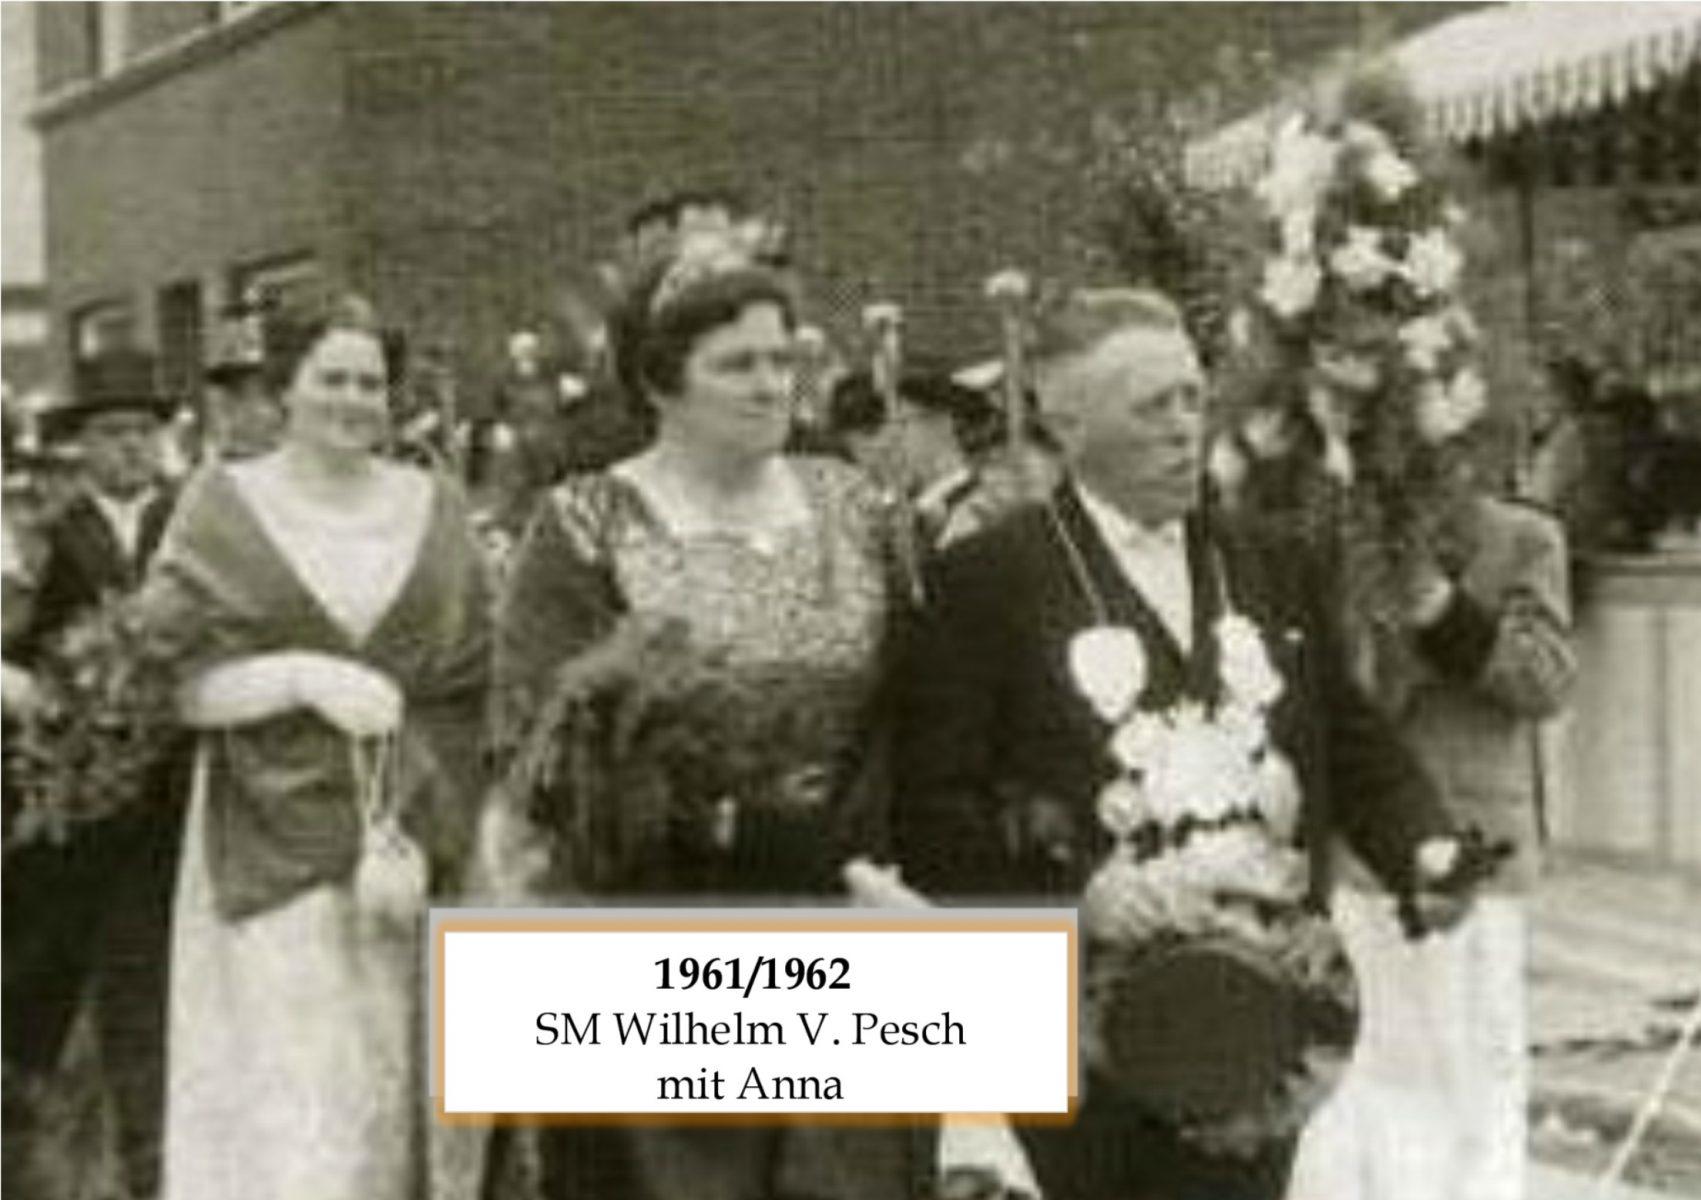 SM 1961/62 Wilhelm V Pesch mit Anna